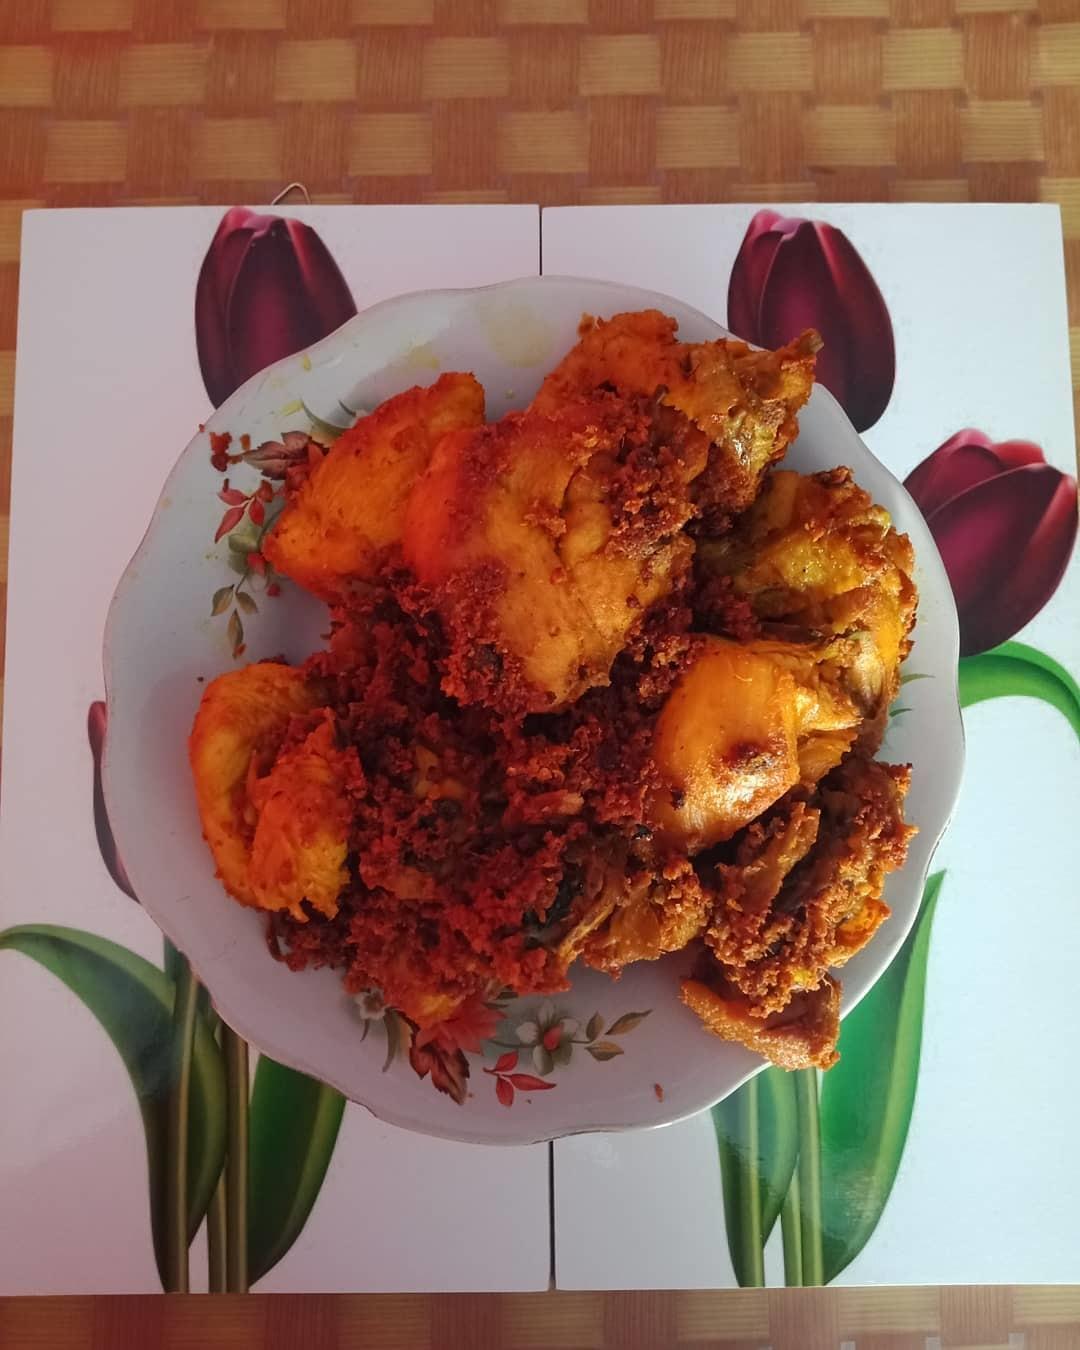 Wisata Kuliner Ayam Goreng Pakne Heksa Semarang